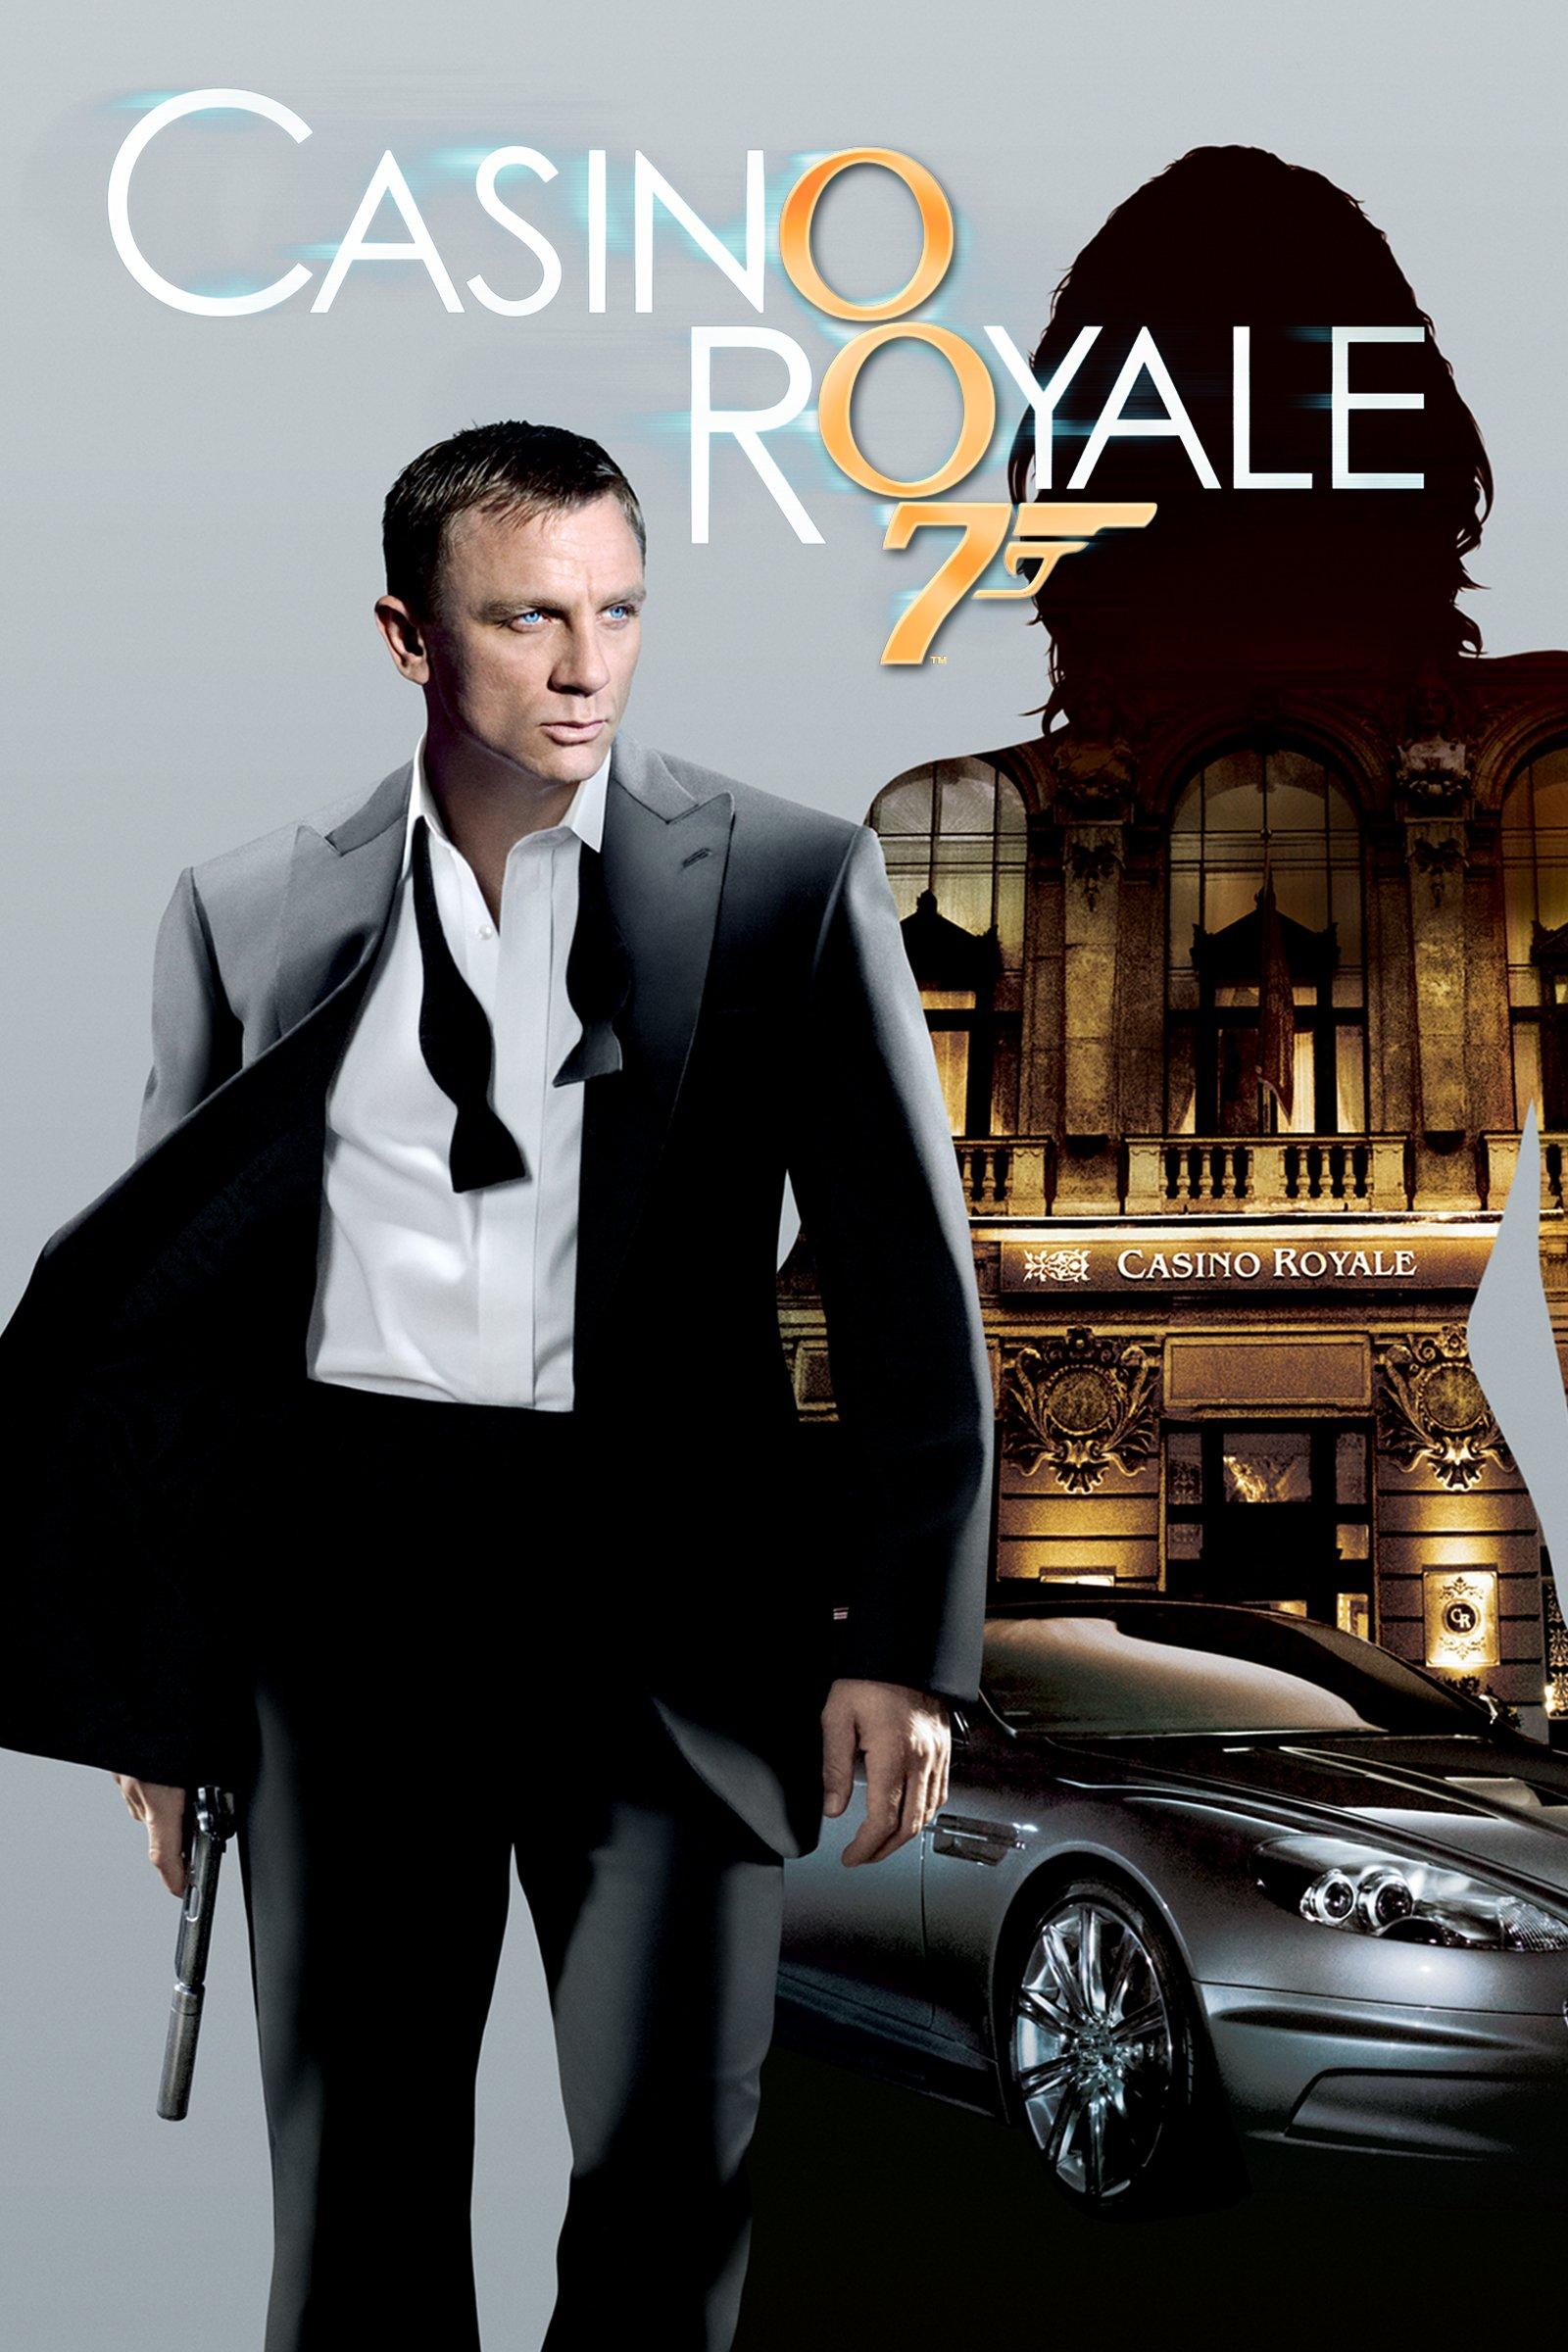 Casino royale 007 imdb jeux de poker 5 cartes gratuit